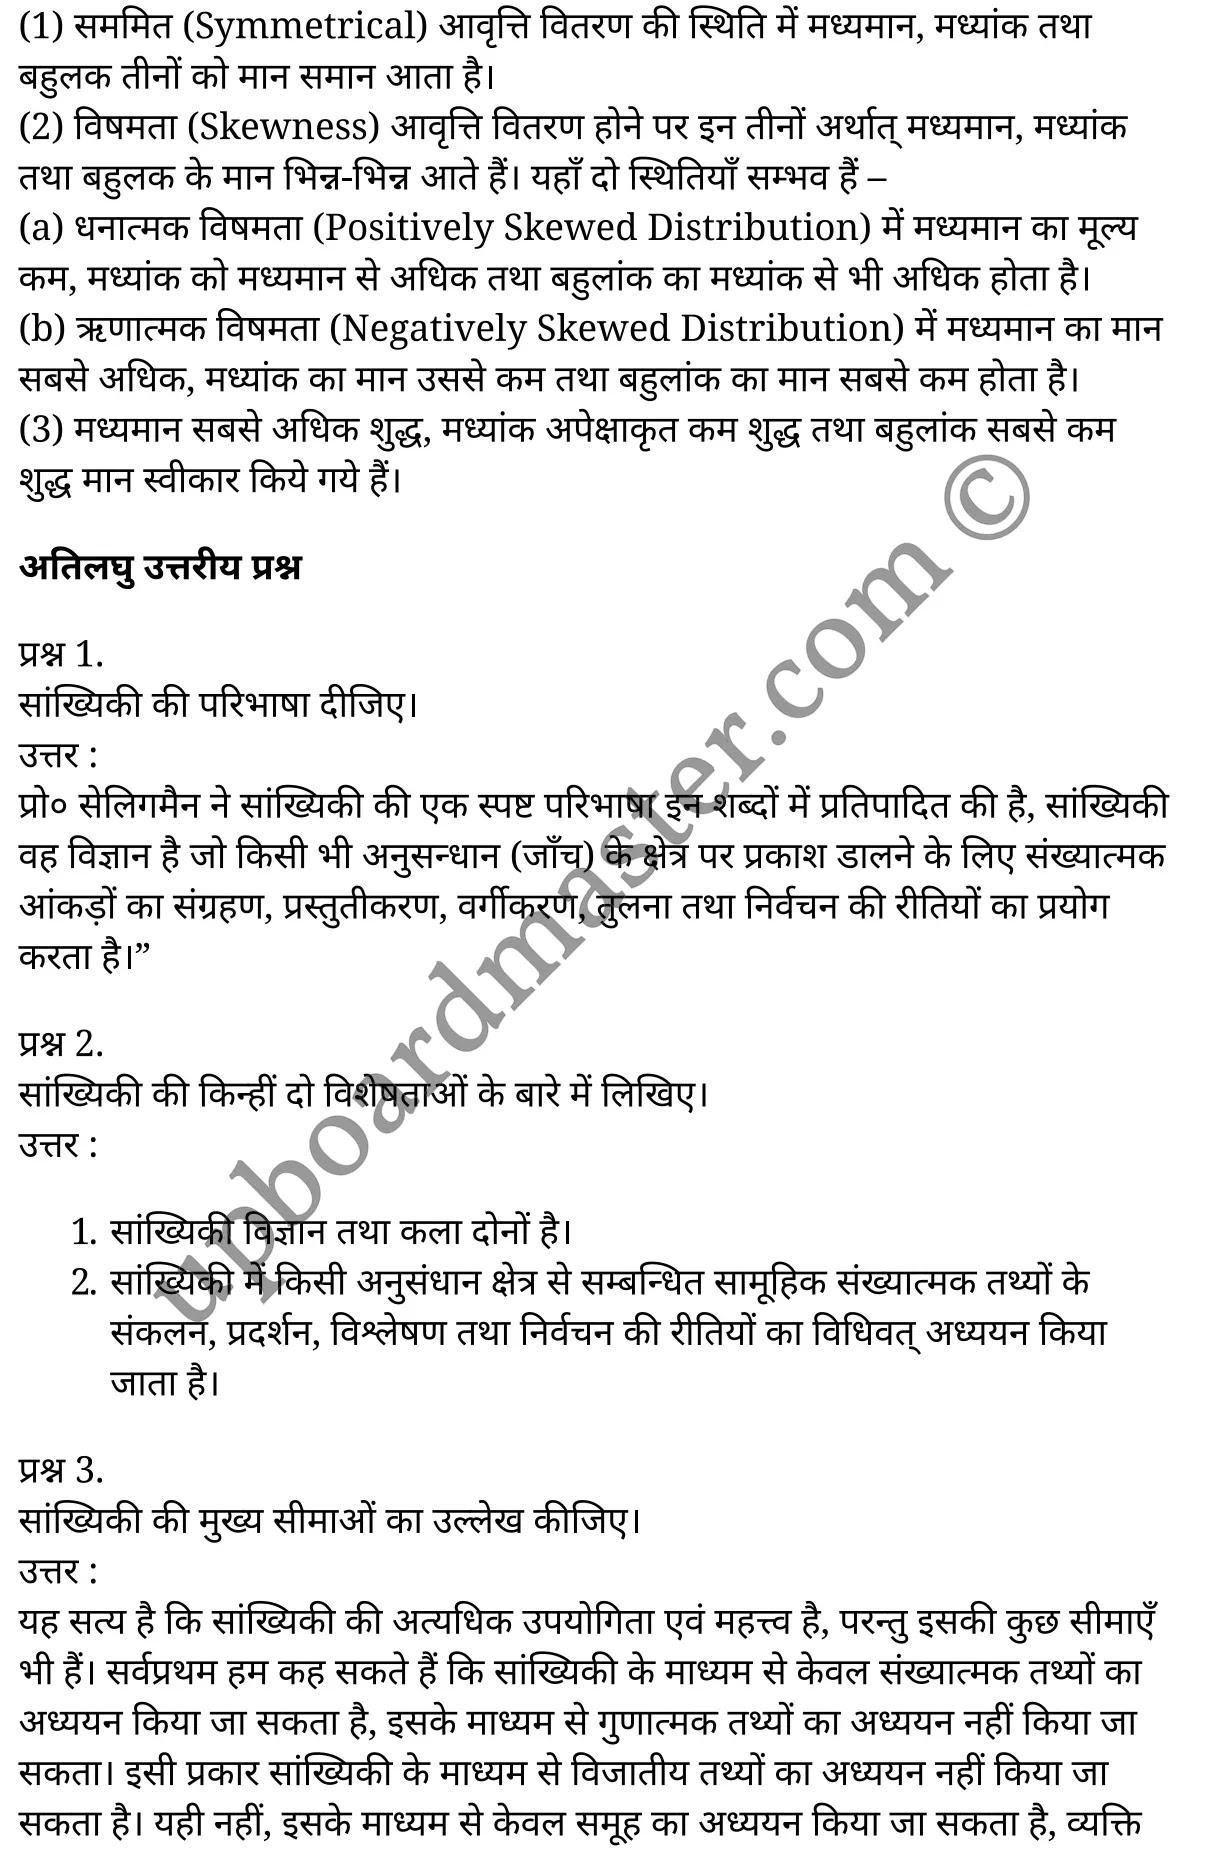 class 11 psychology chapter 12 hindi 61